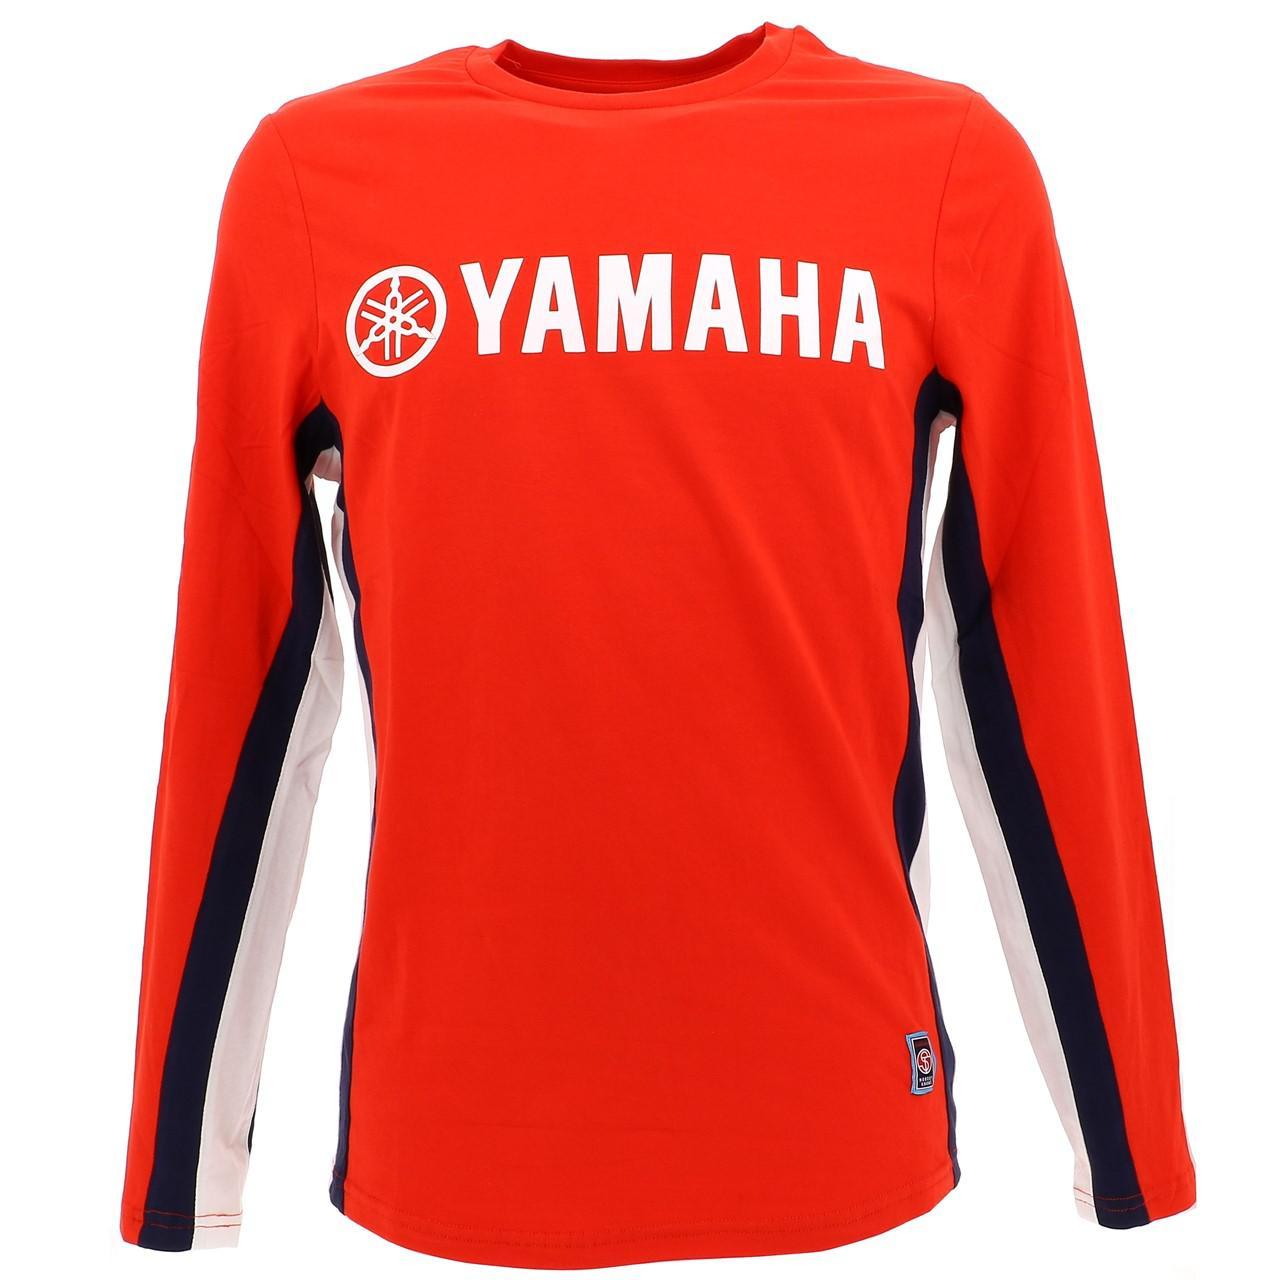 T-Shirt-Yamaha-Yam-C-Red-ML-Tee-Red-28650-New